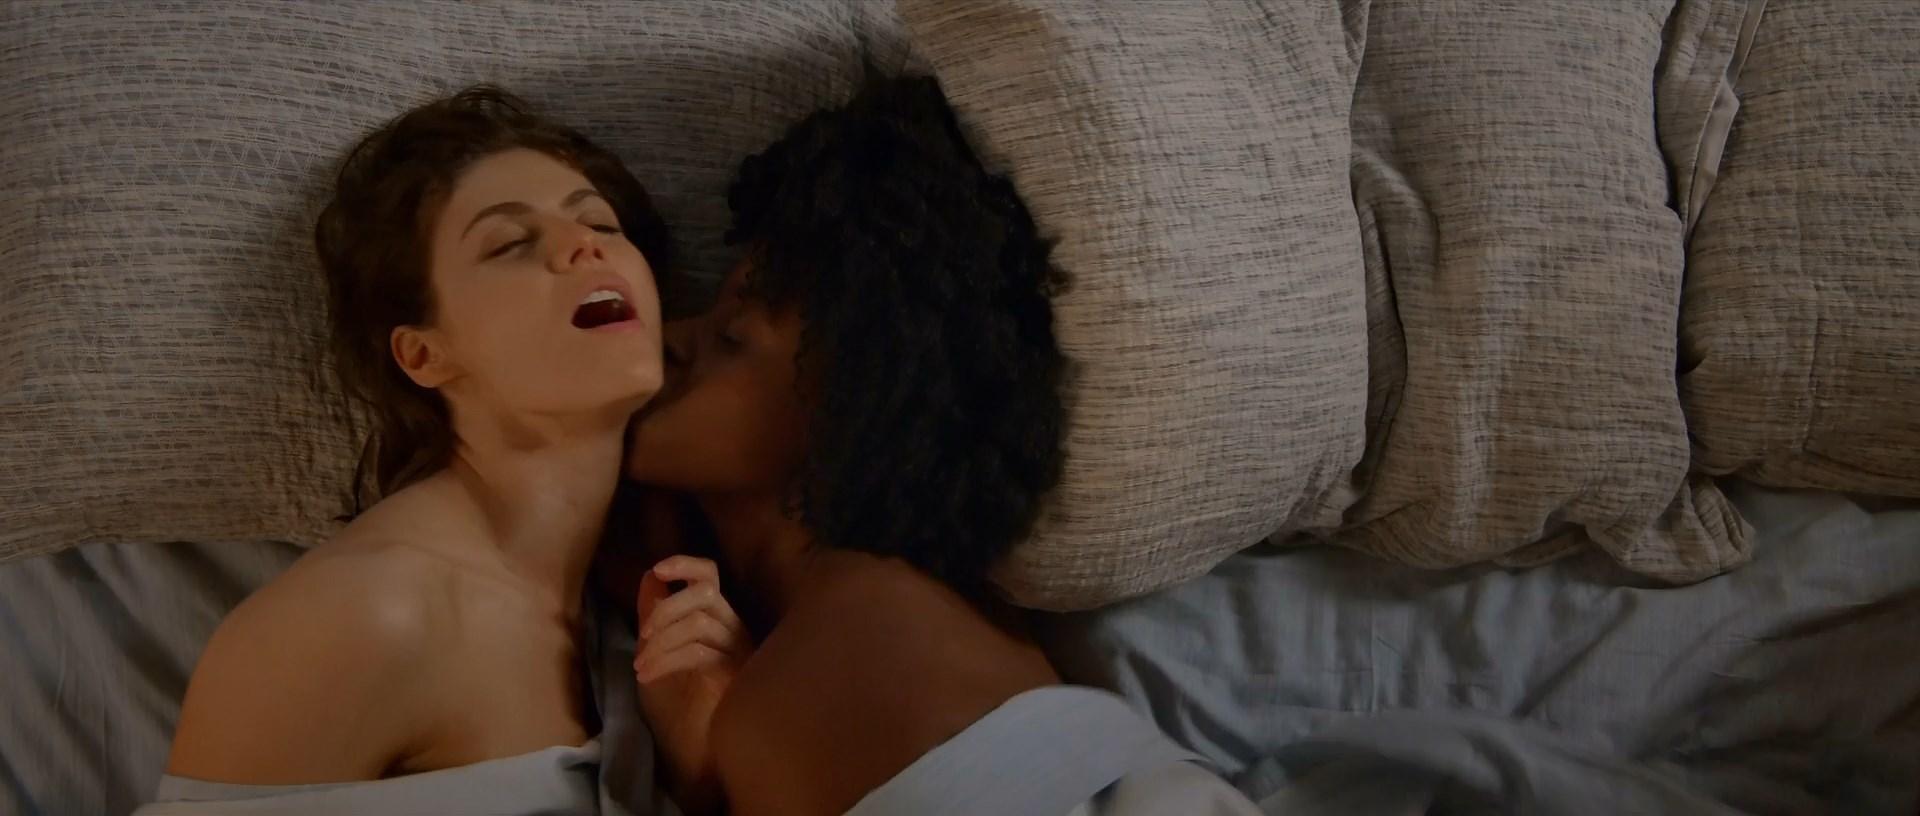 Dailymotion celeb lesbian kiss